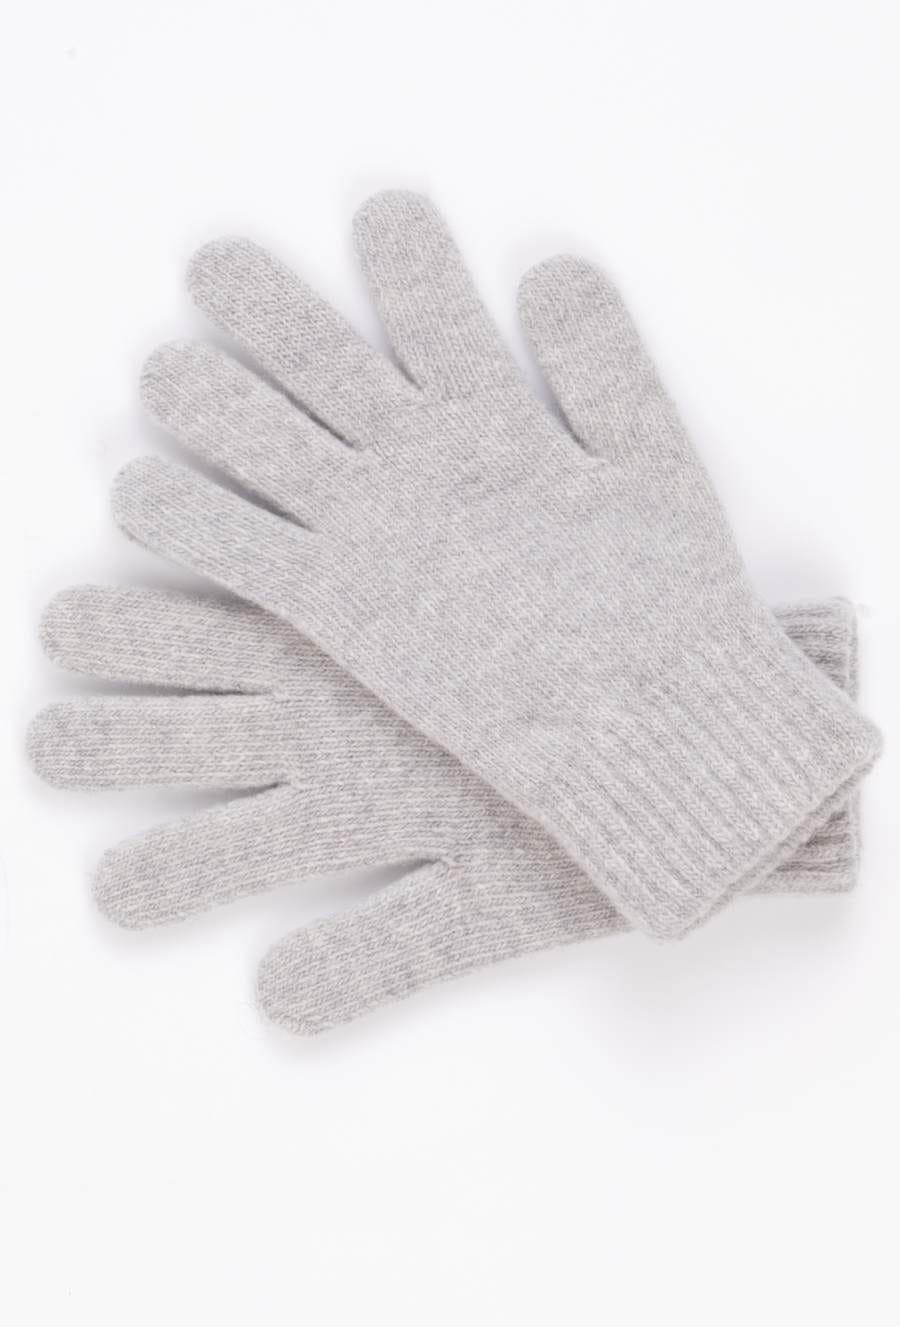 Kamea Woman's Gloves K.18.957.05 Light